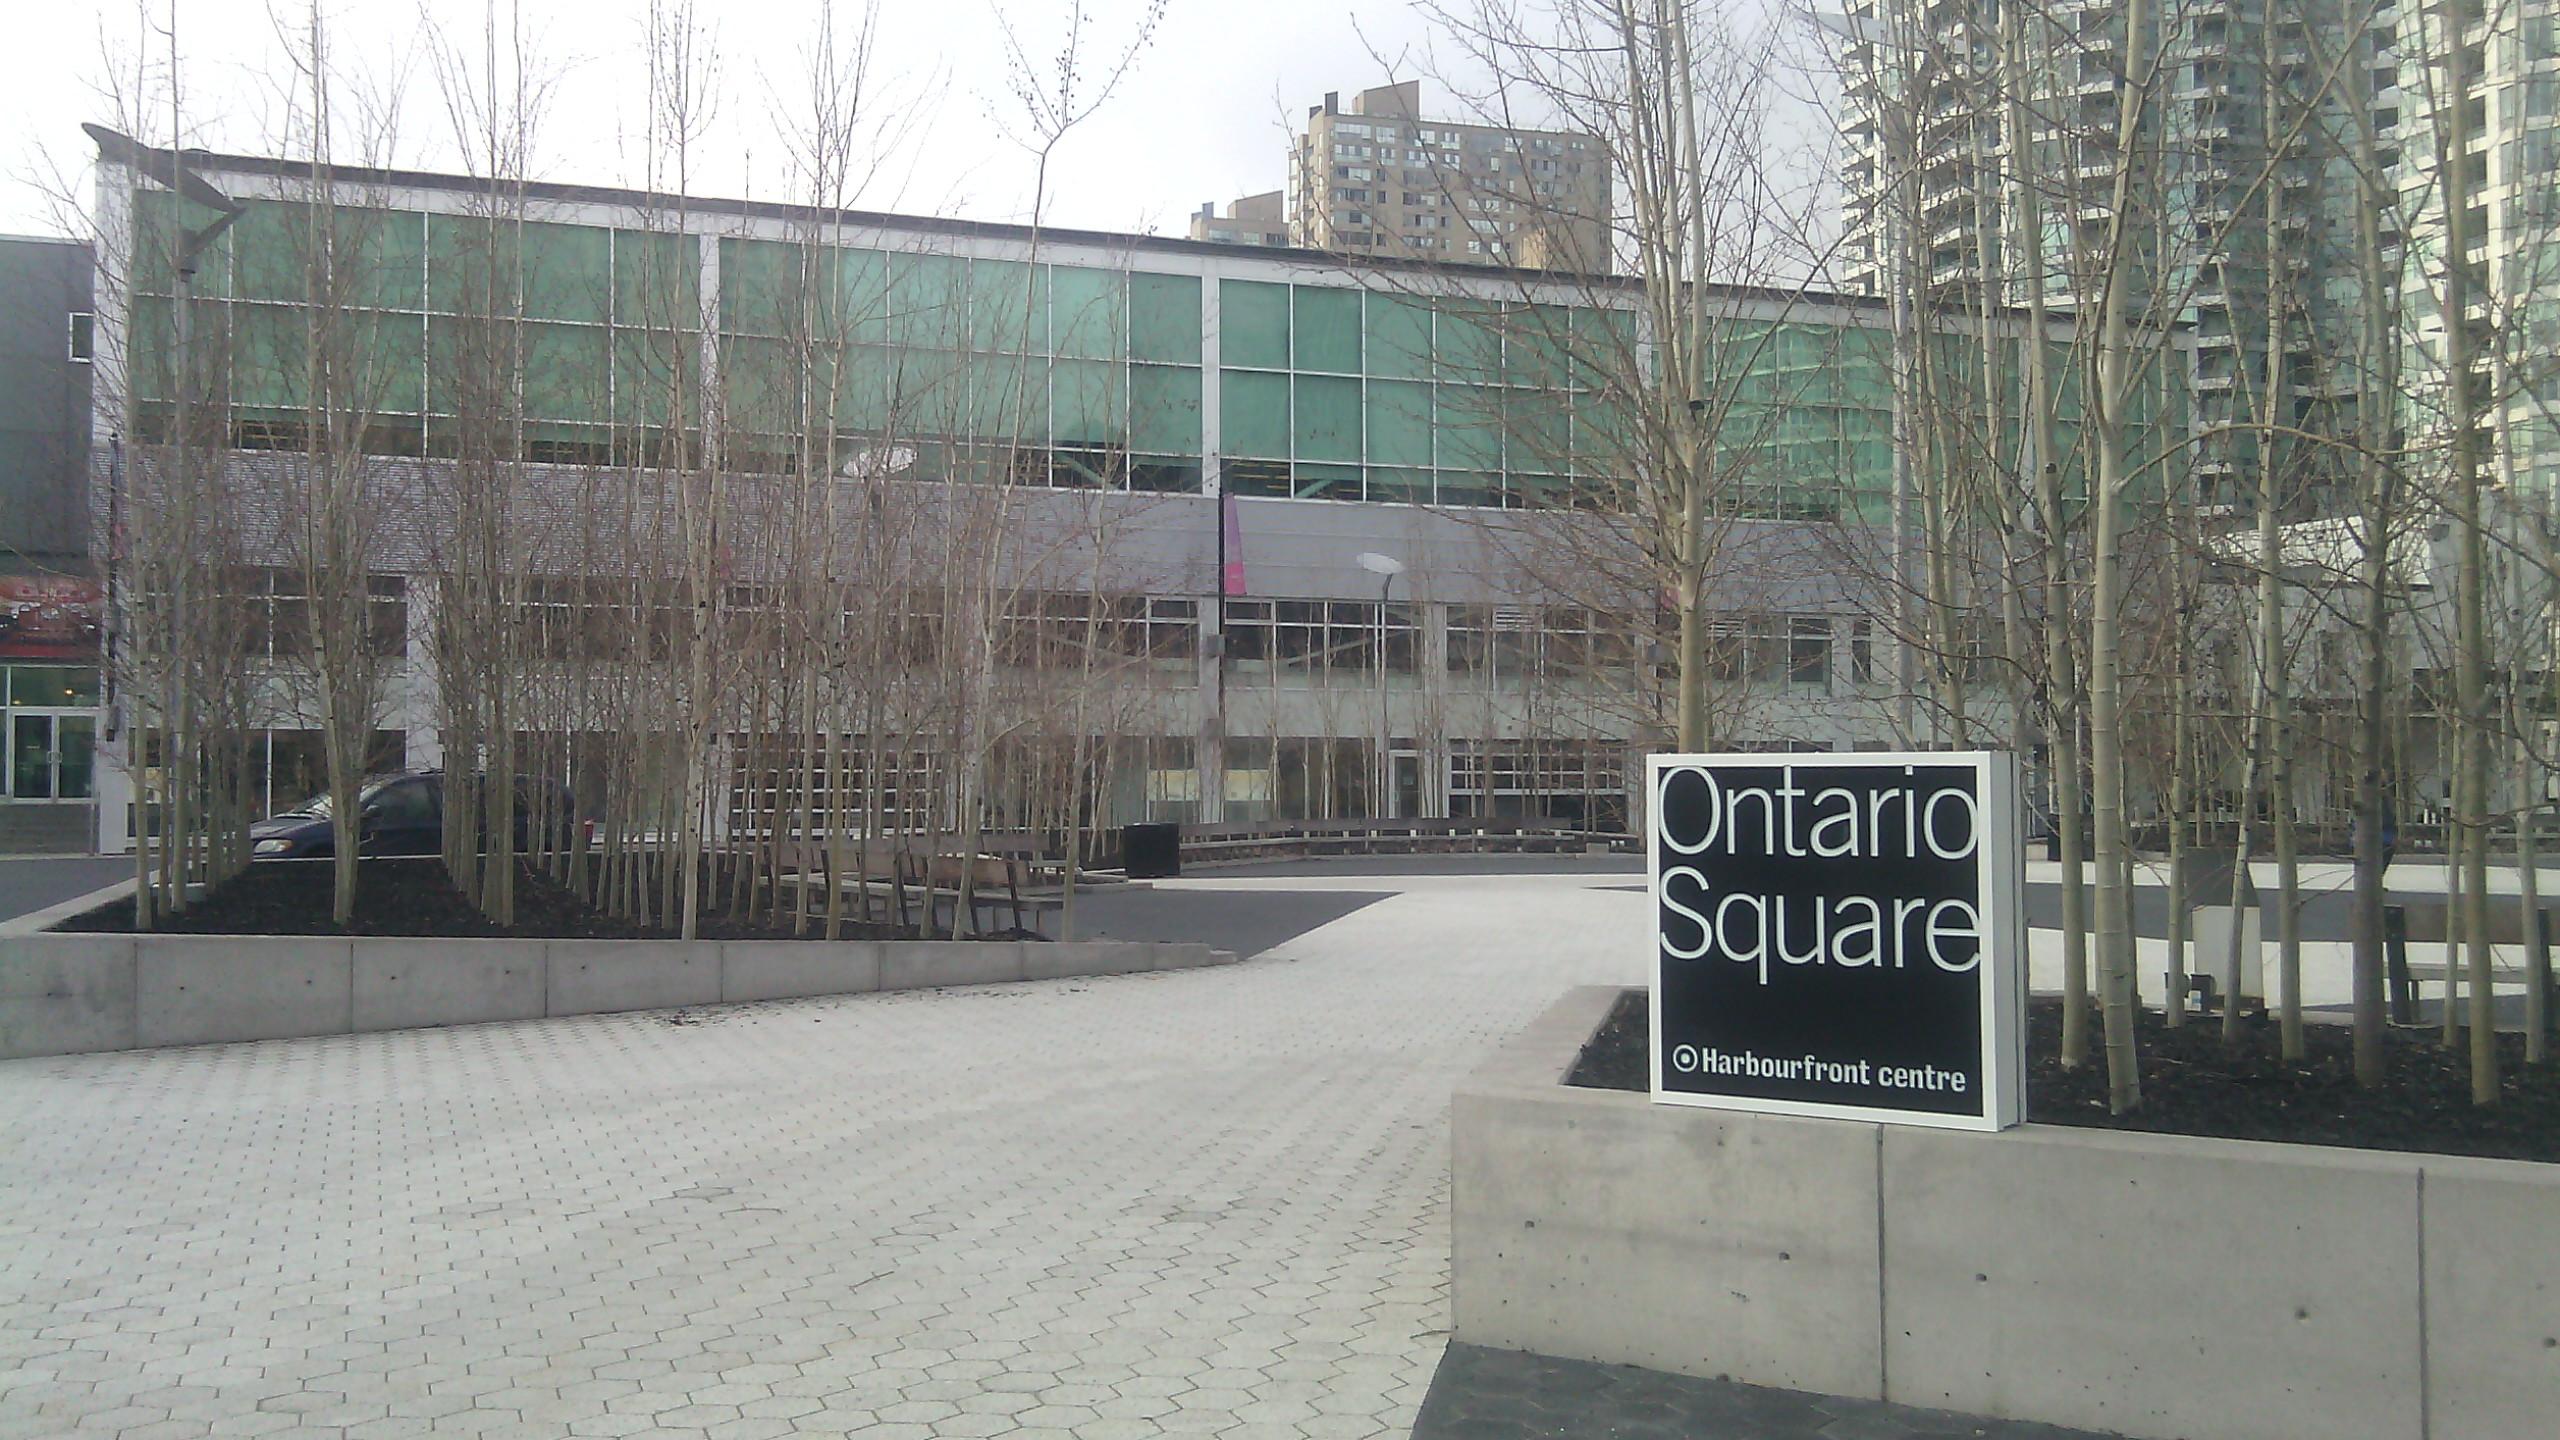 2. Ontario Square 1